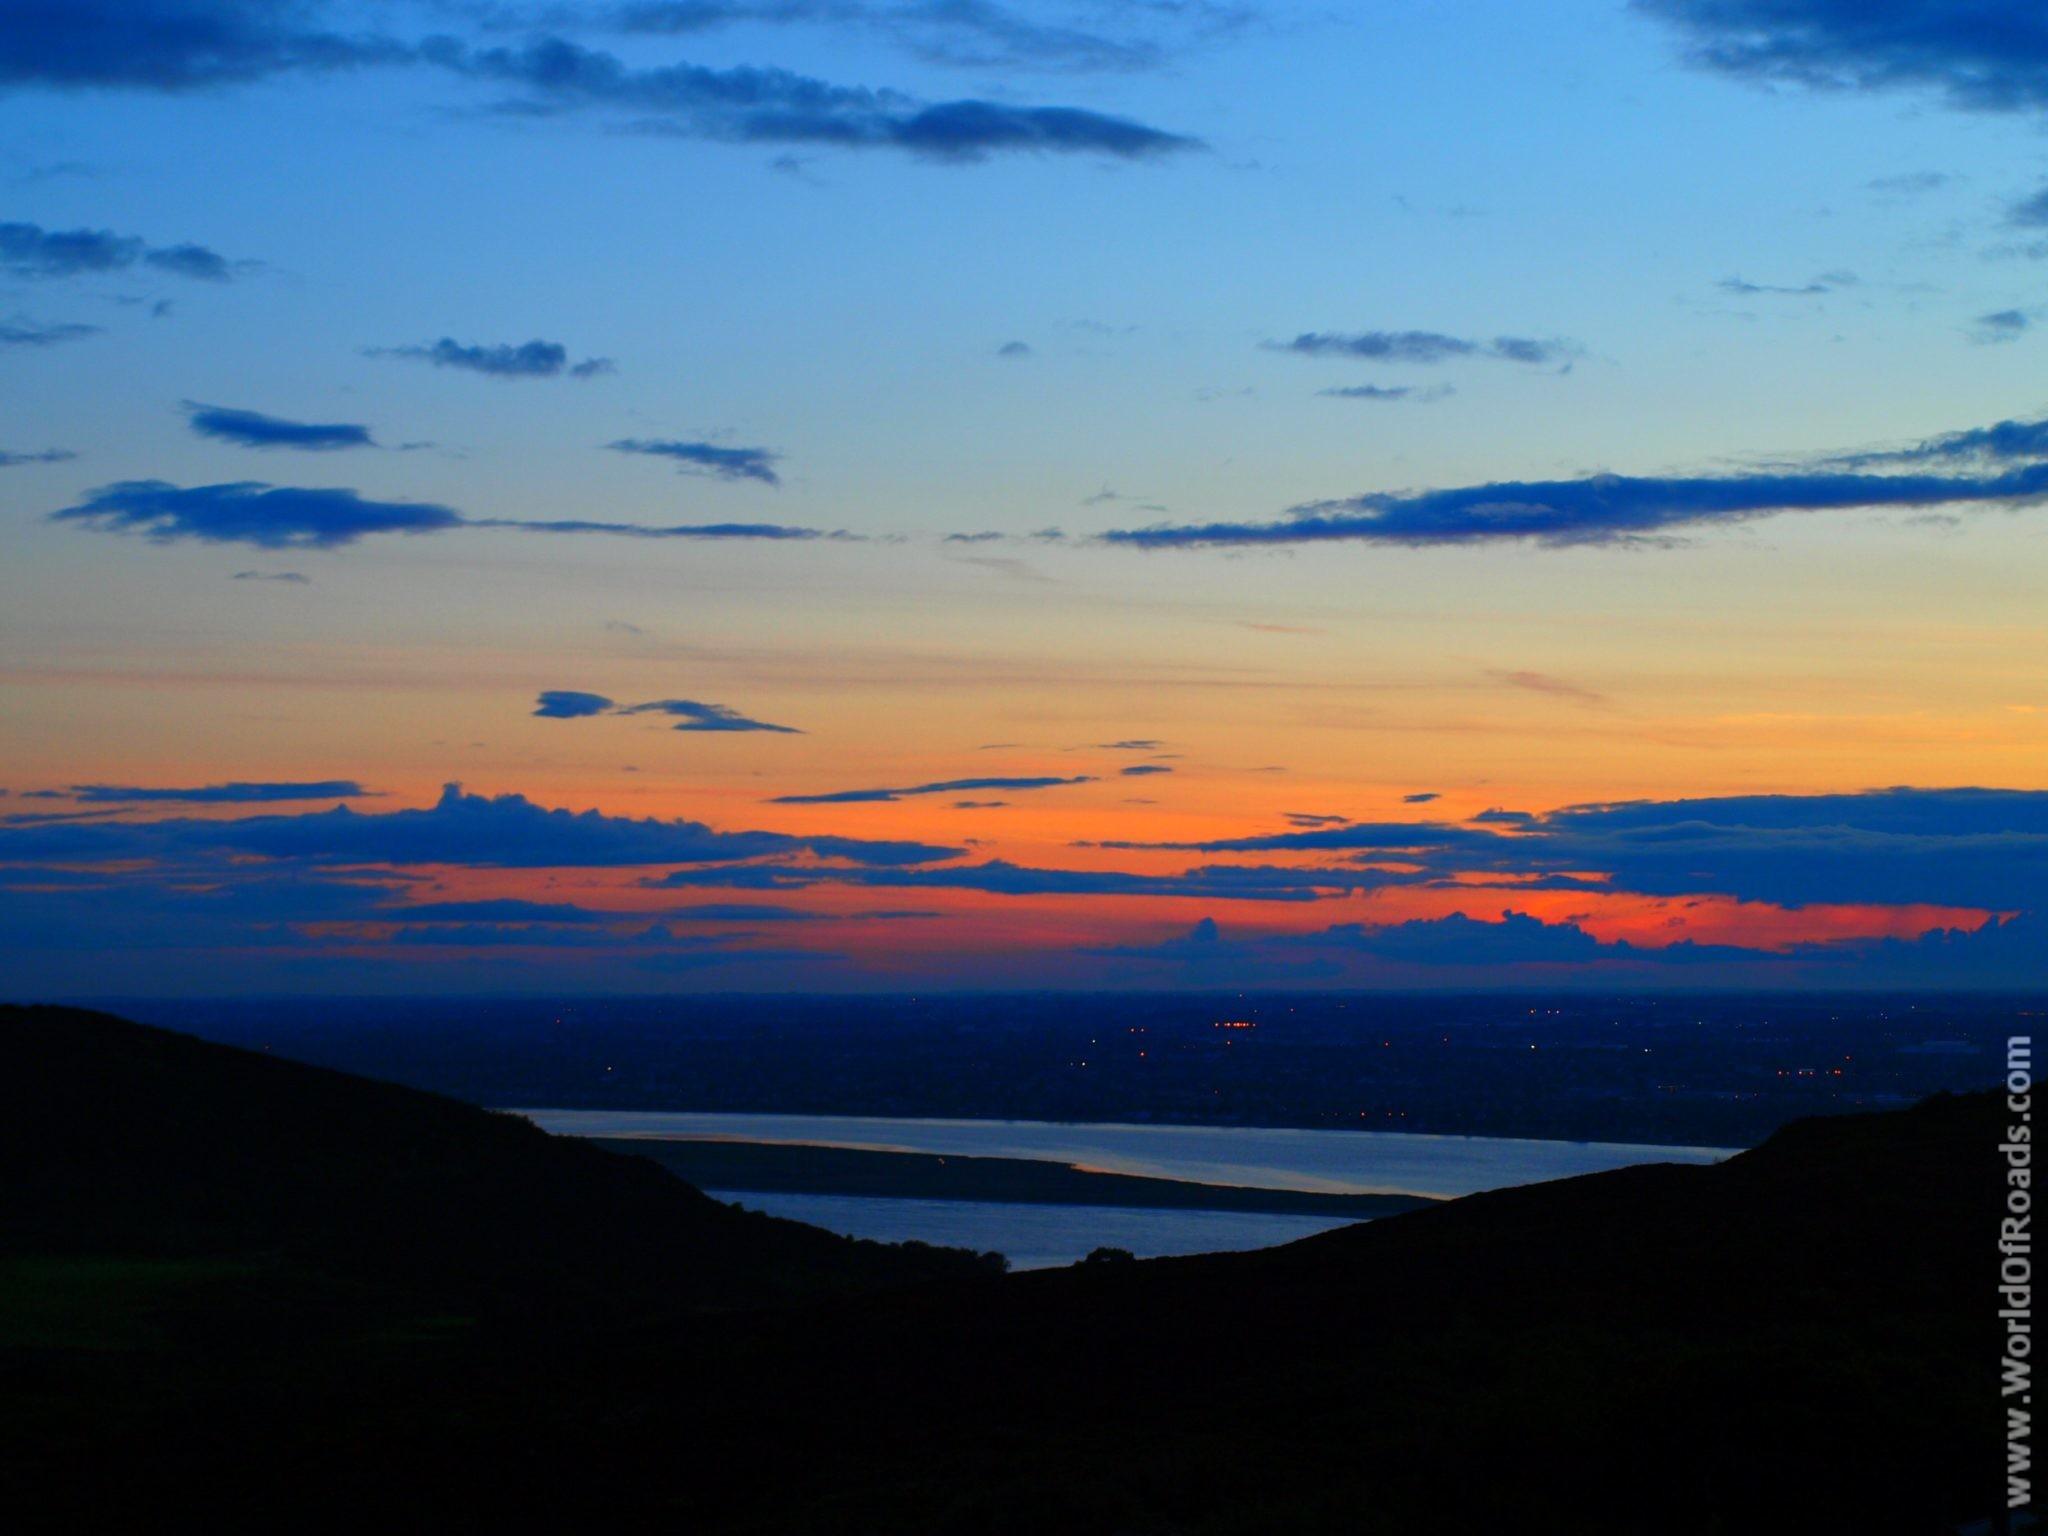 Вид на вечерний Дублин. Ирландия.